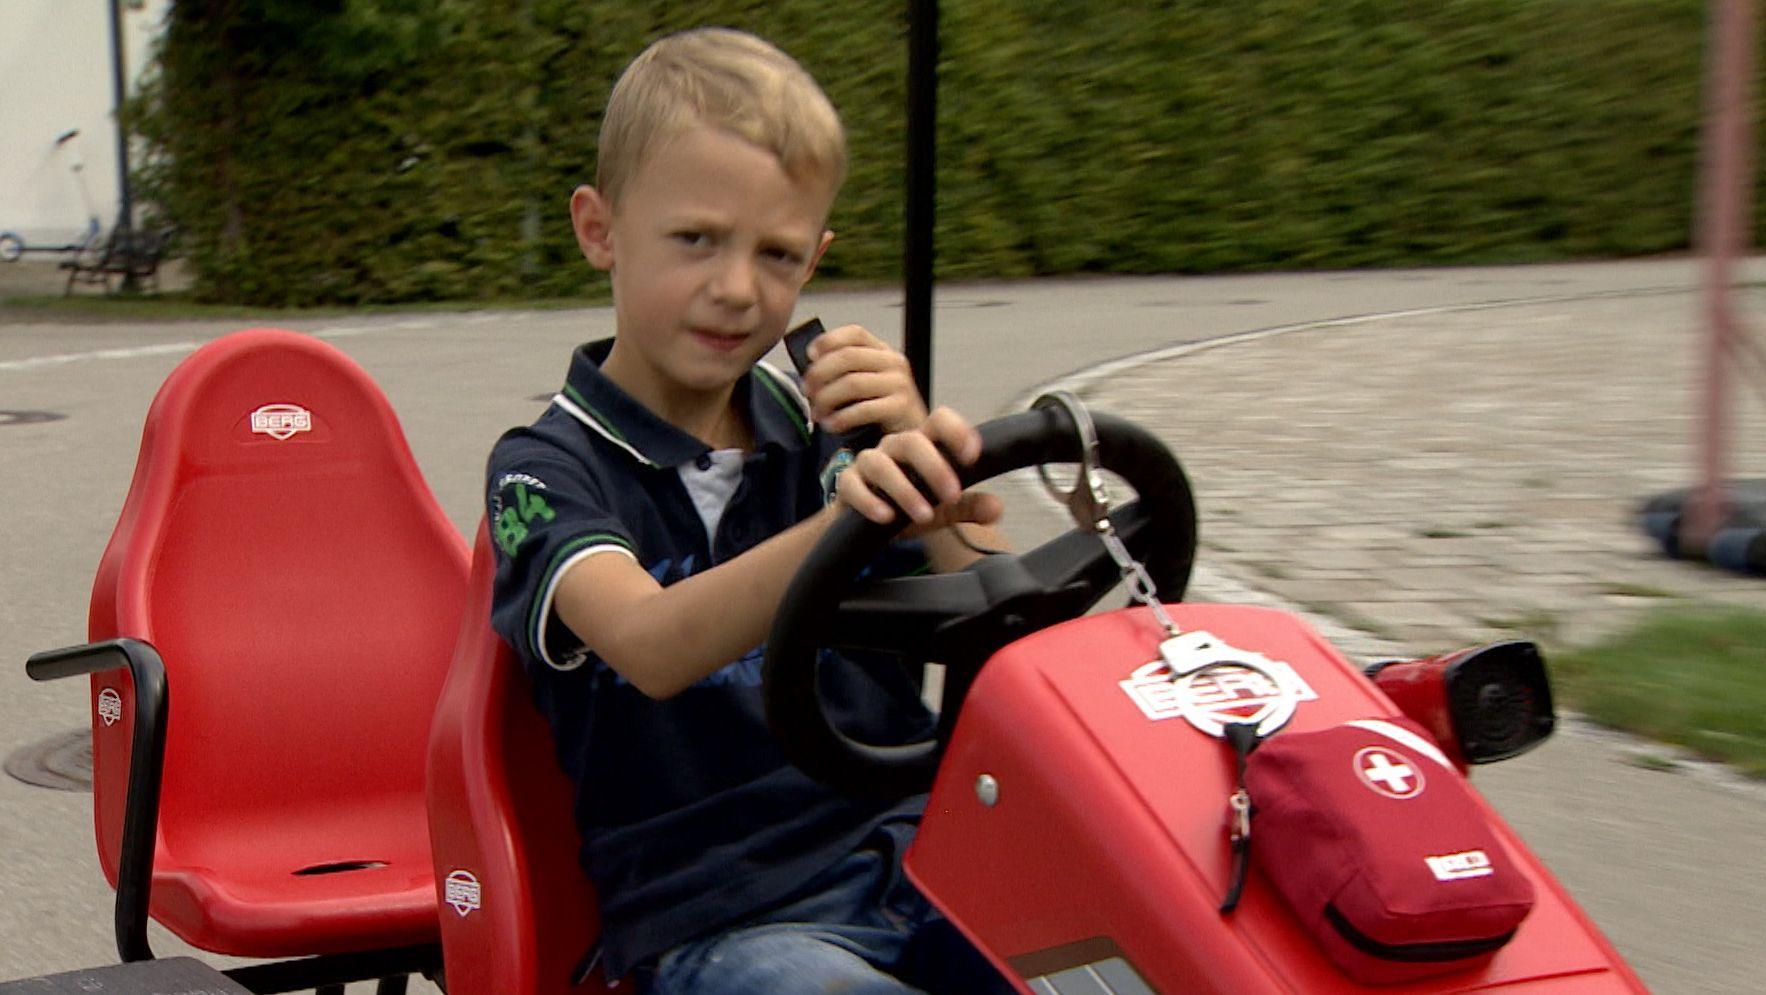 Junge sitzt auf rotem Kettcar